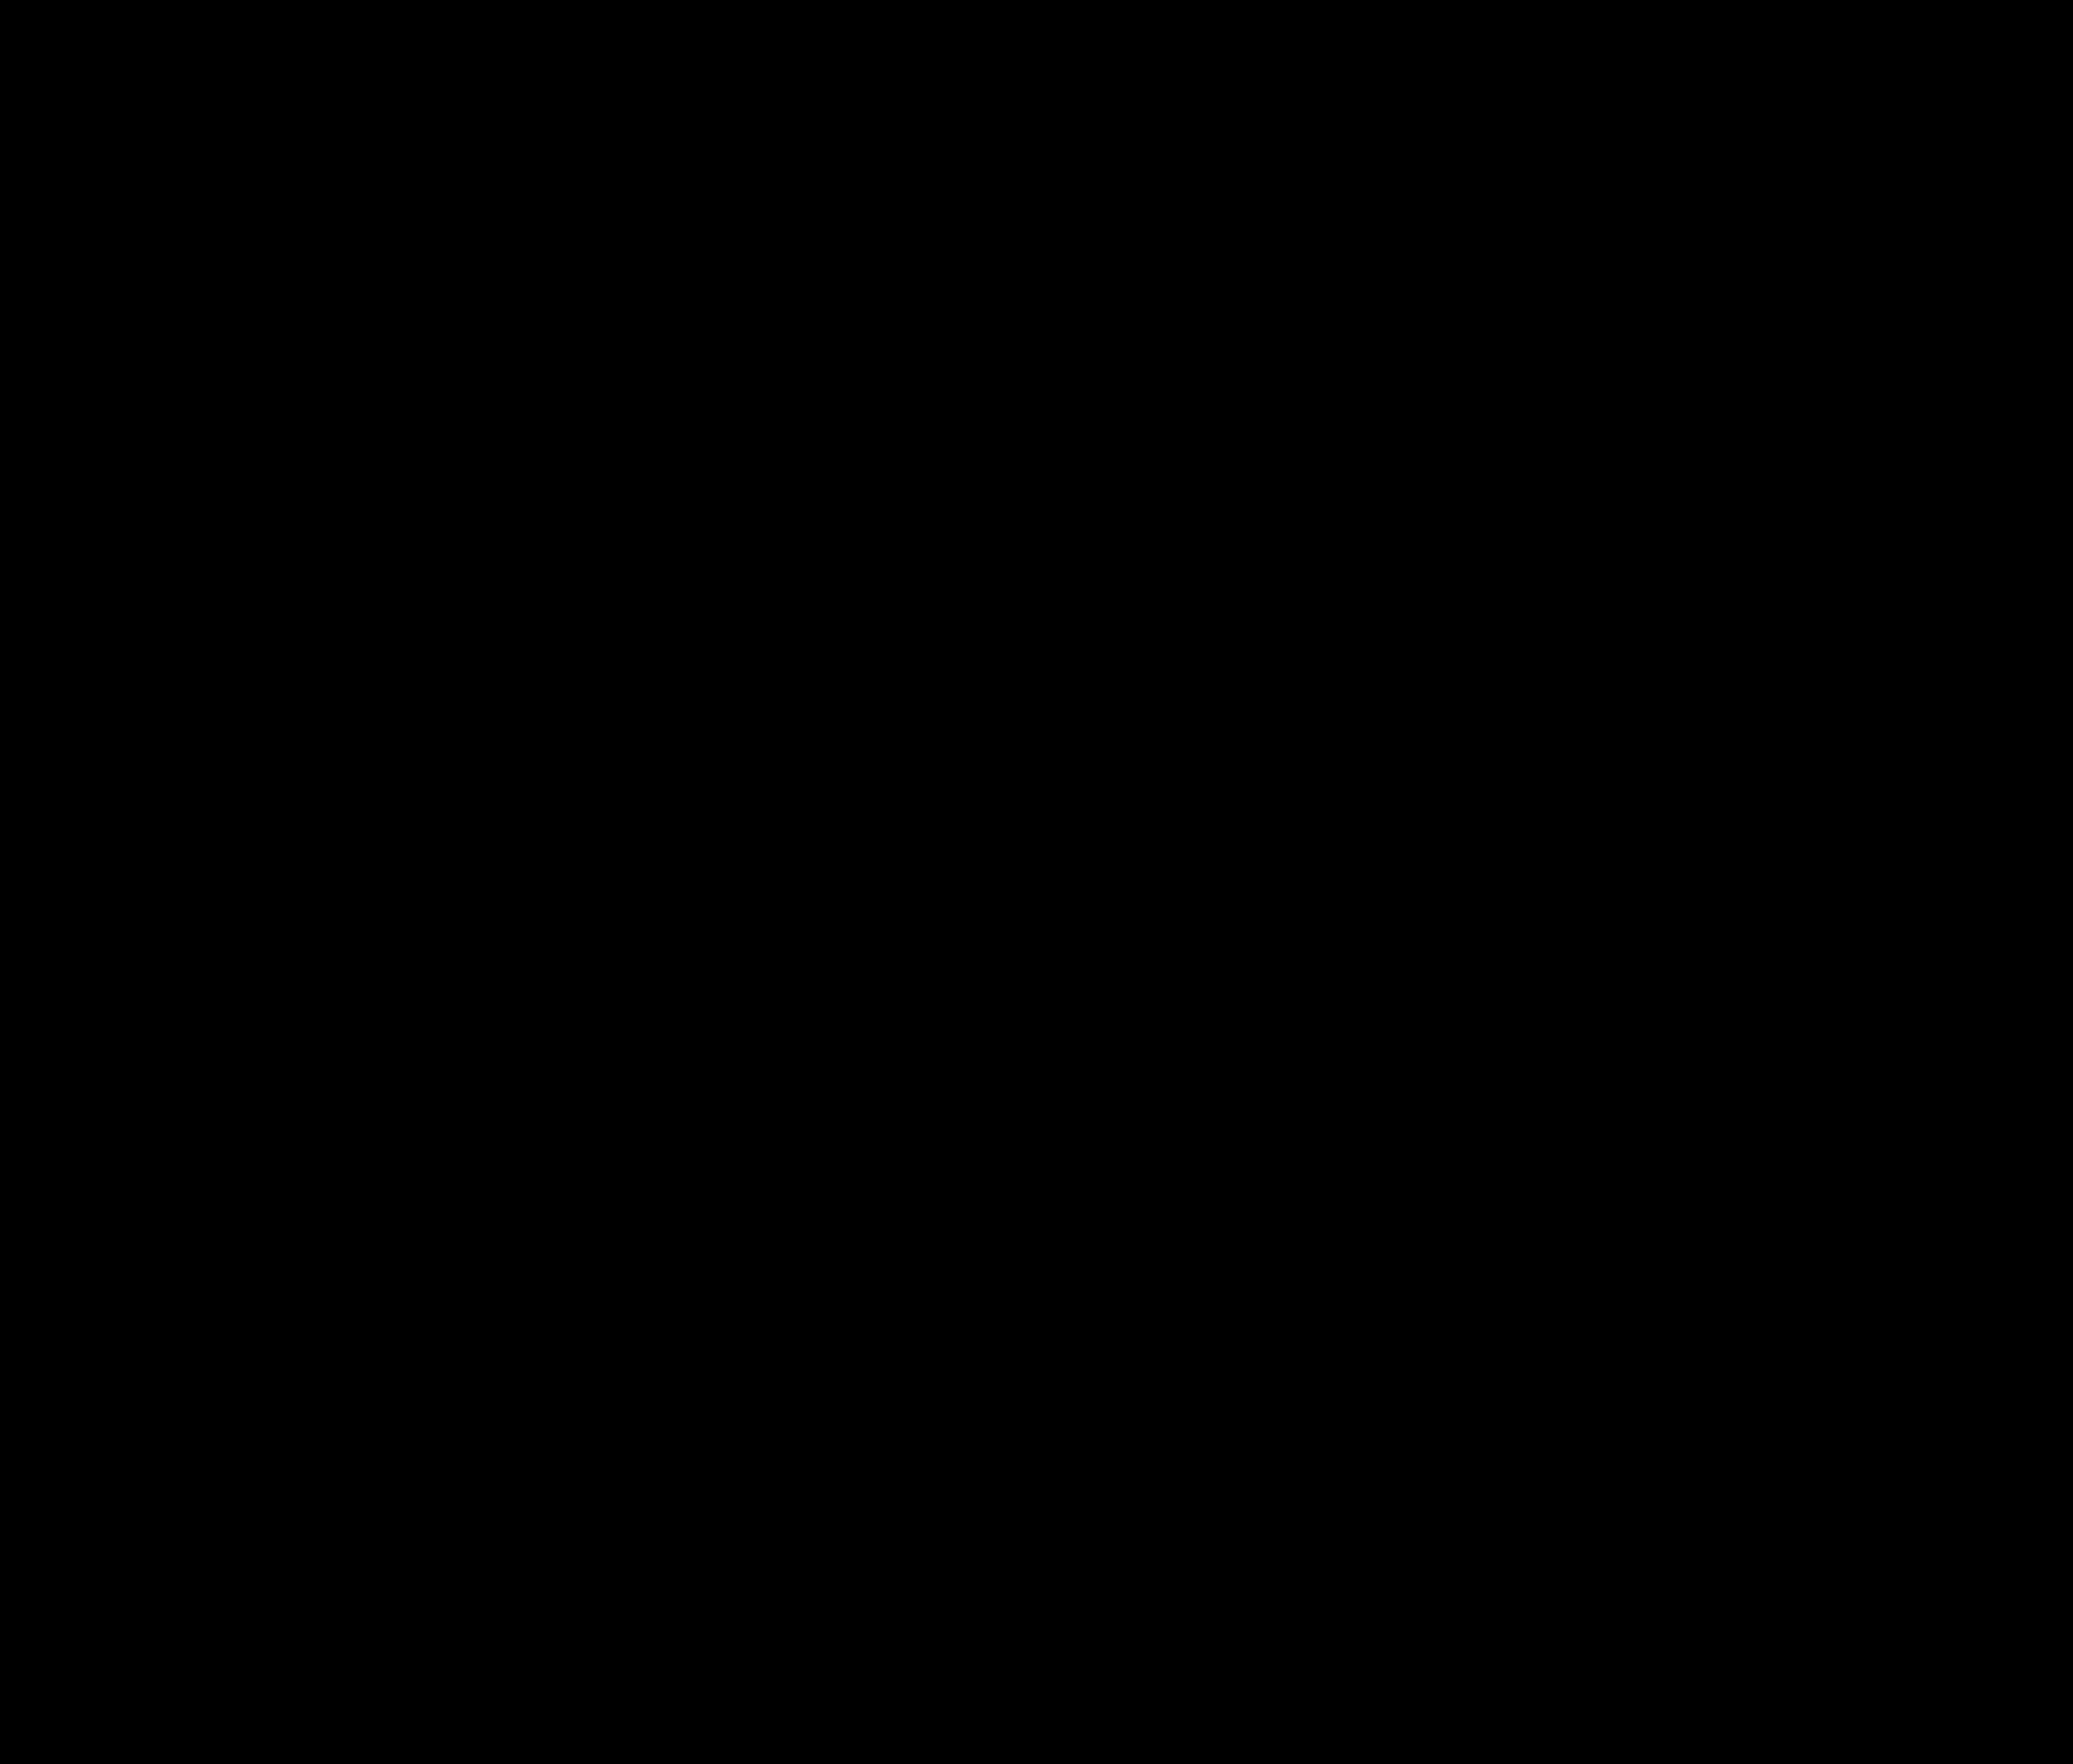 Black V21 on transparent background (brand master)